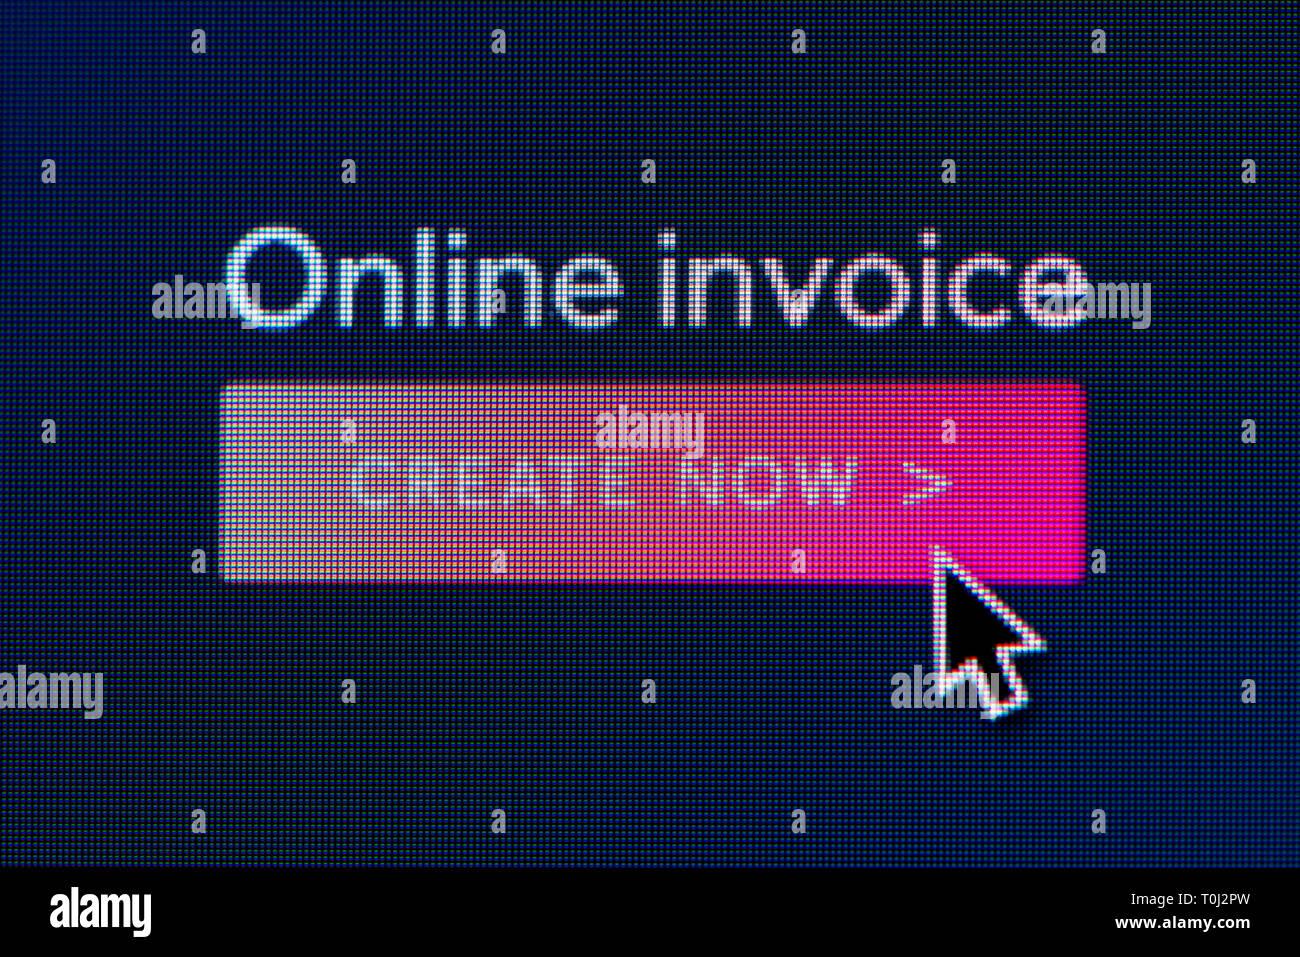 L'invite pour créer une facture en ligne est visible sur l'écran d'un ordinateur avec une souris (curseur utilisation éditoriale uniquement) Photo Stock